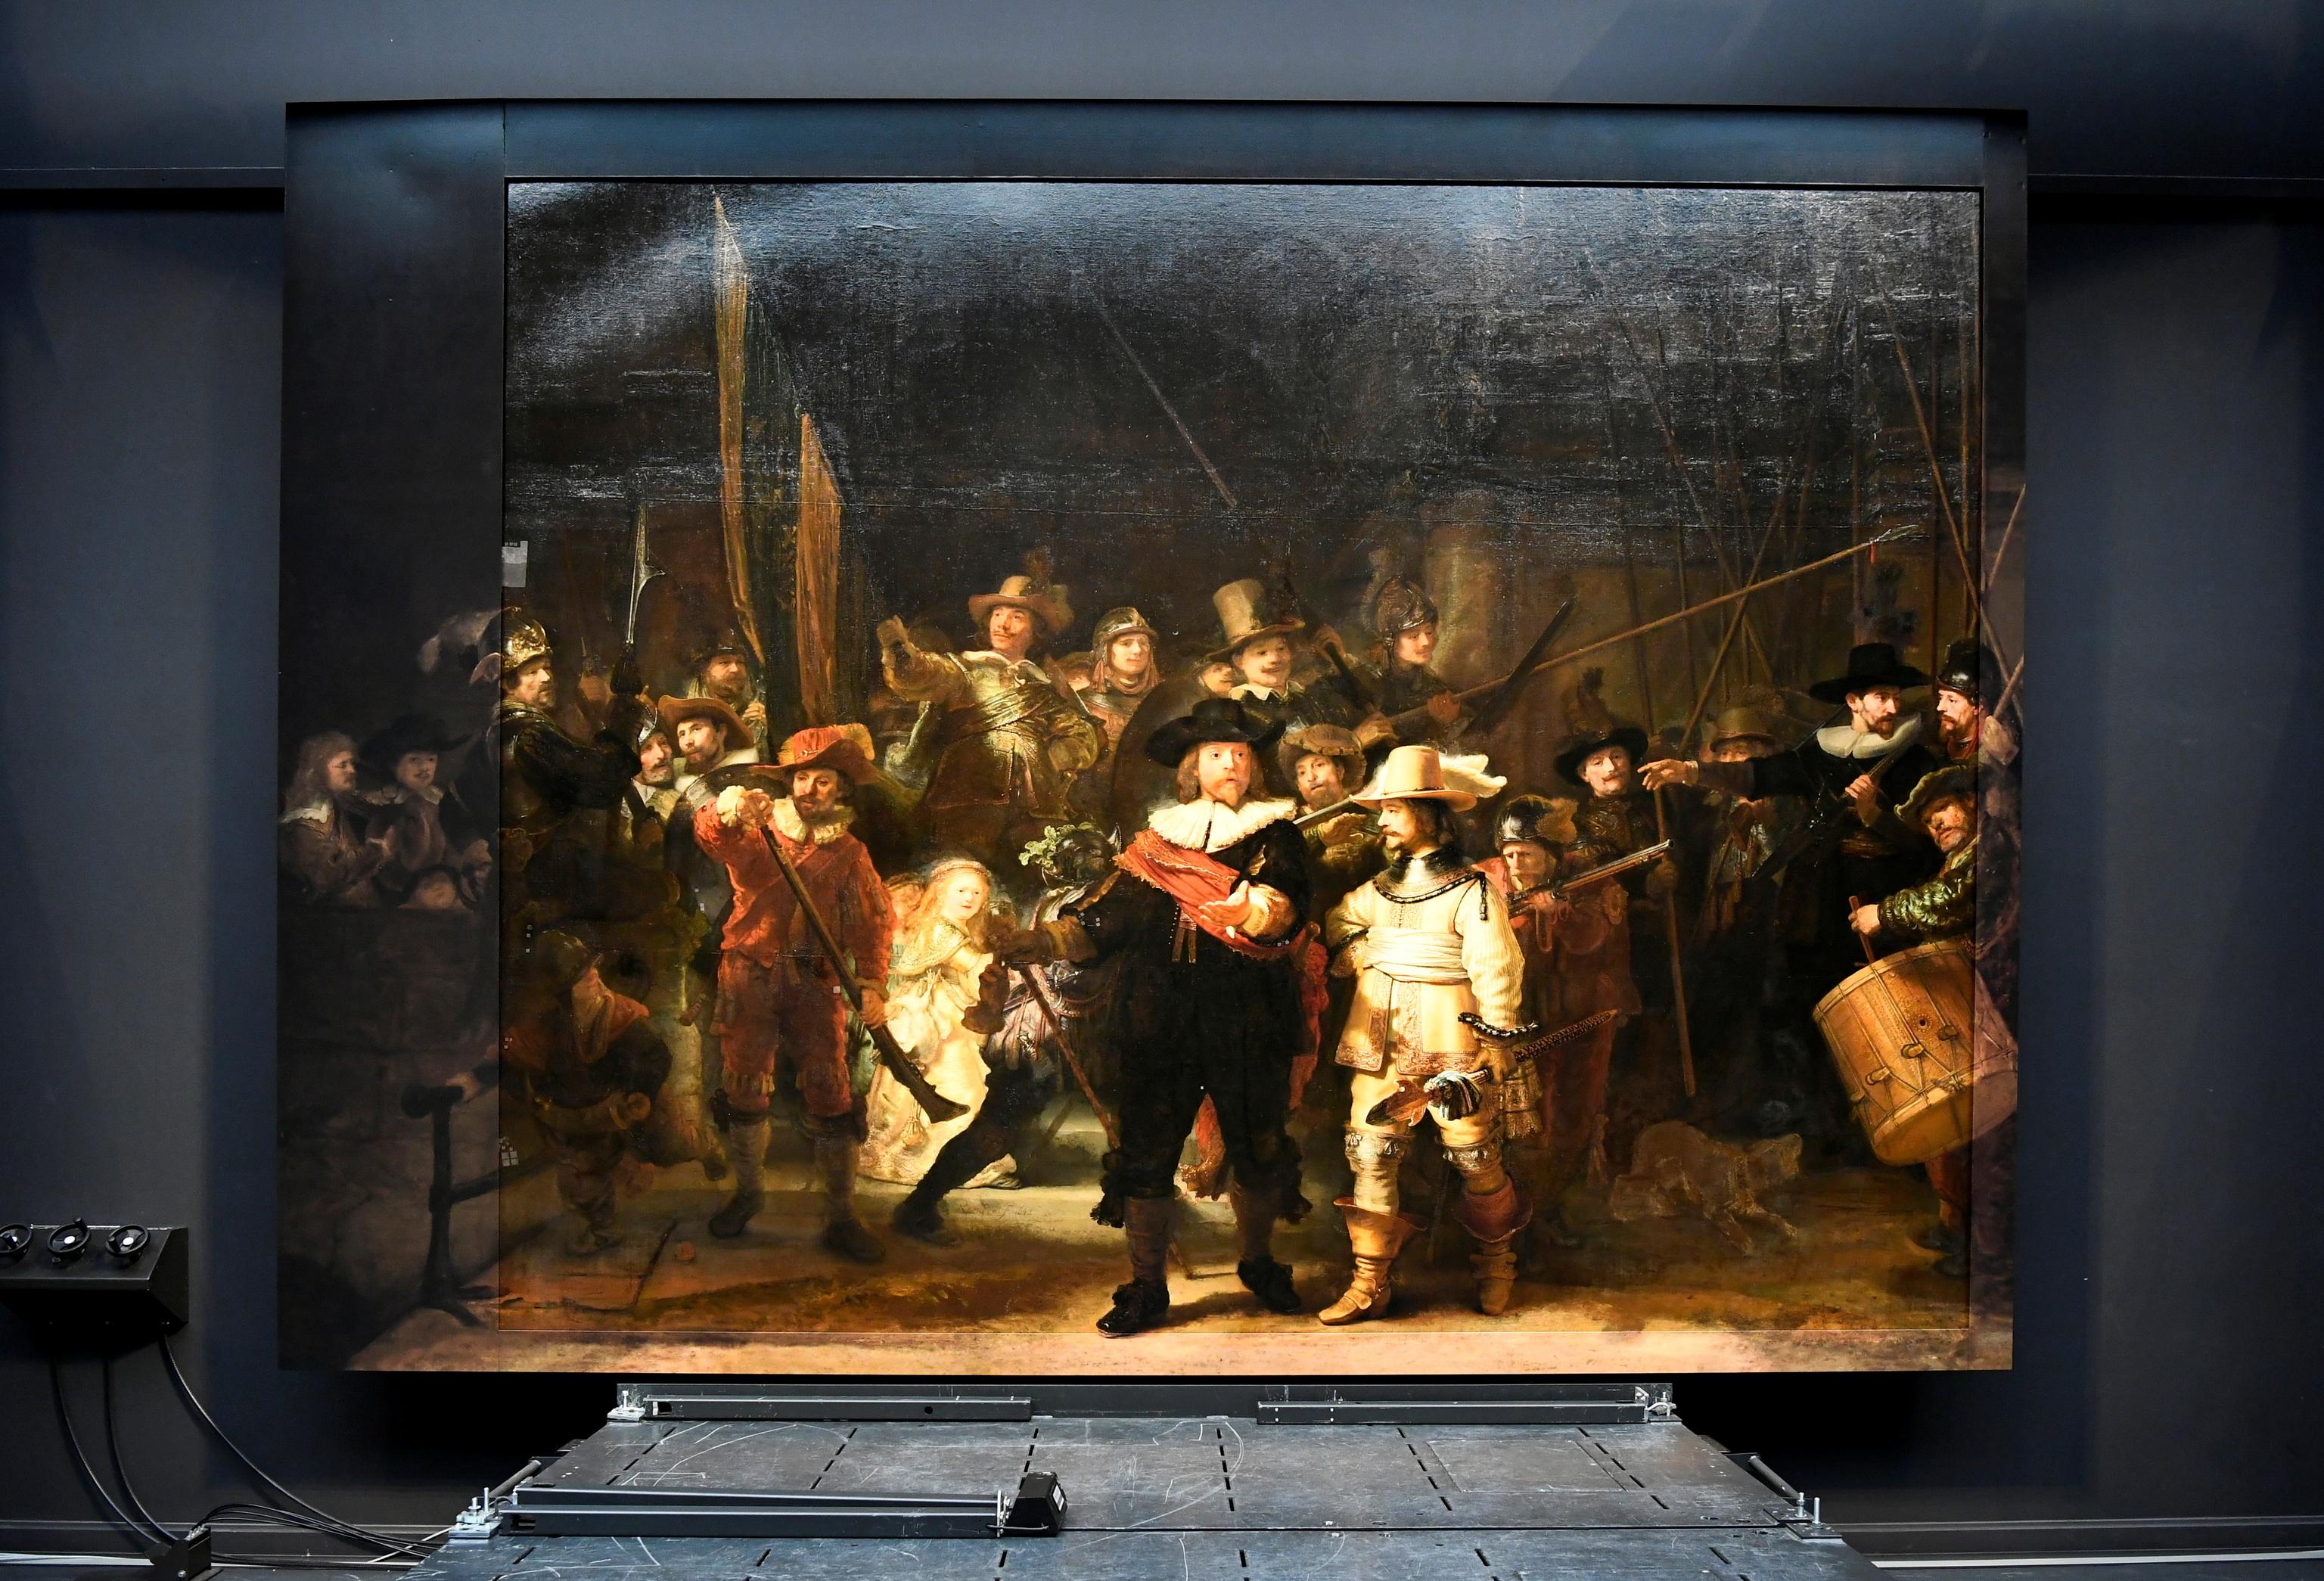 La nueva 'Ronda de noche' de Rembrandt